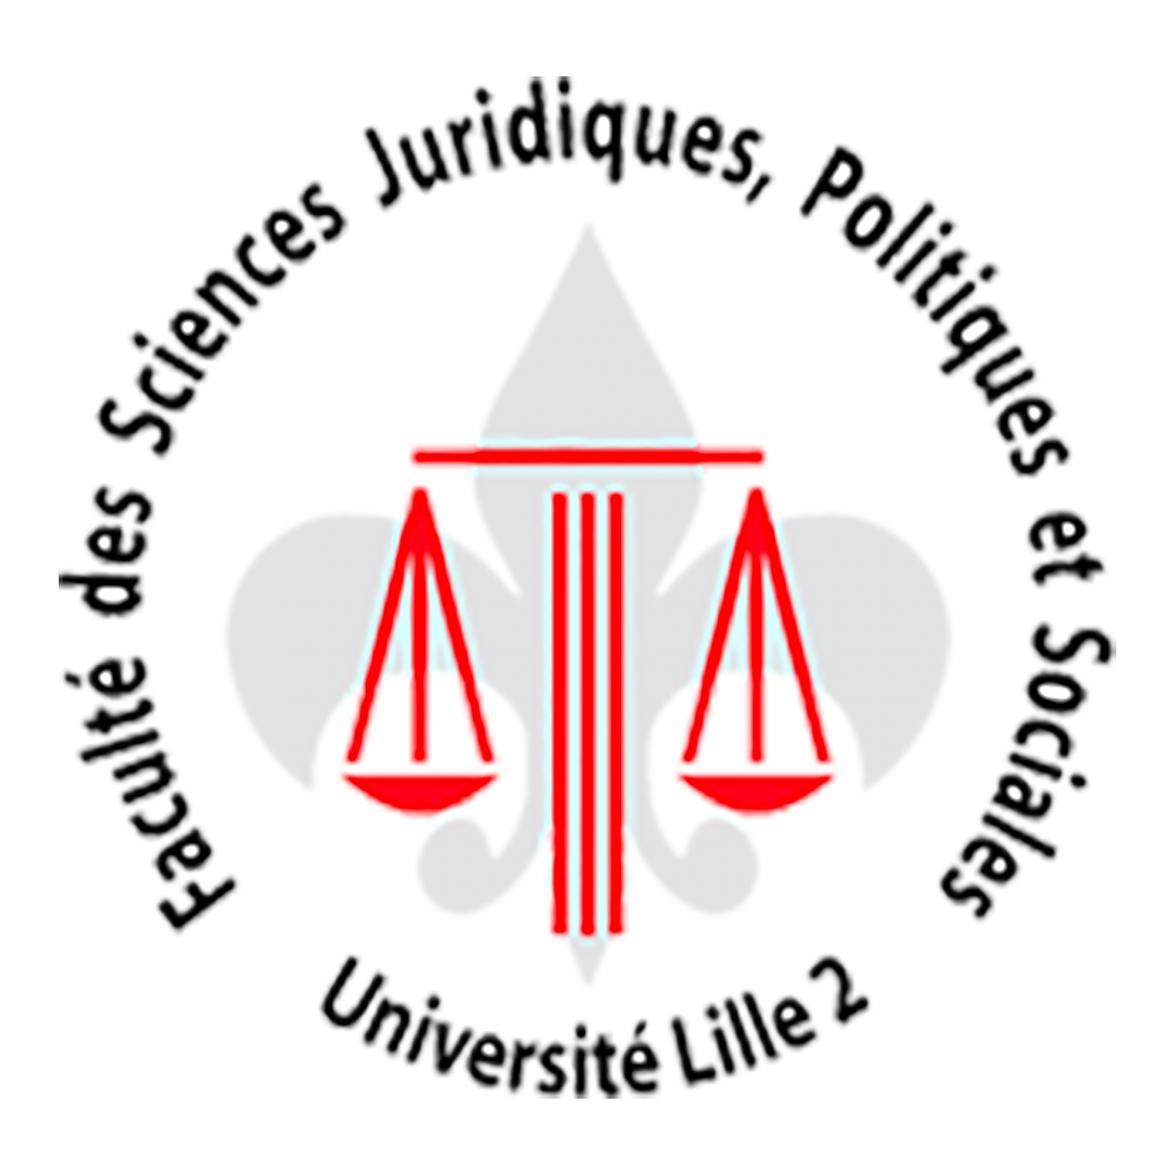 Angèle Von kiss - Mes clients - Faculté des Sciences Juridiques Politiques et Sociales